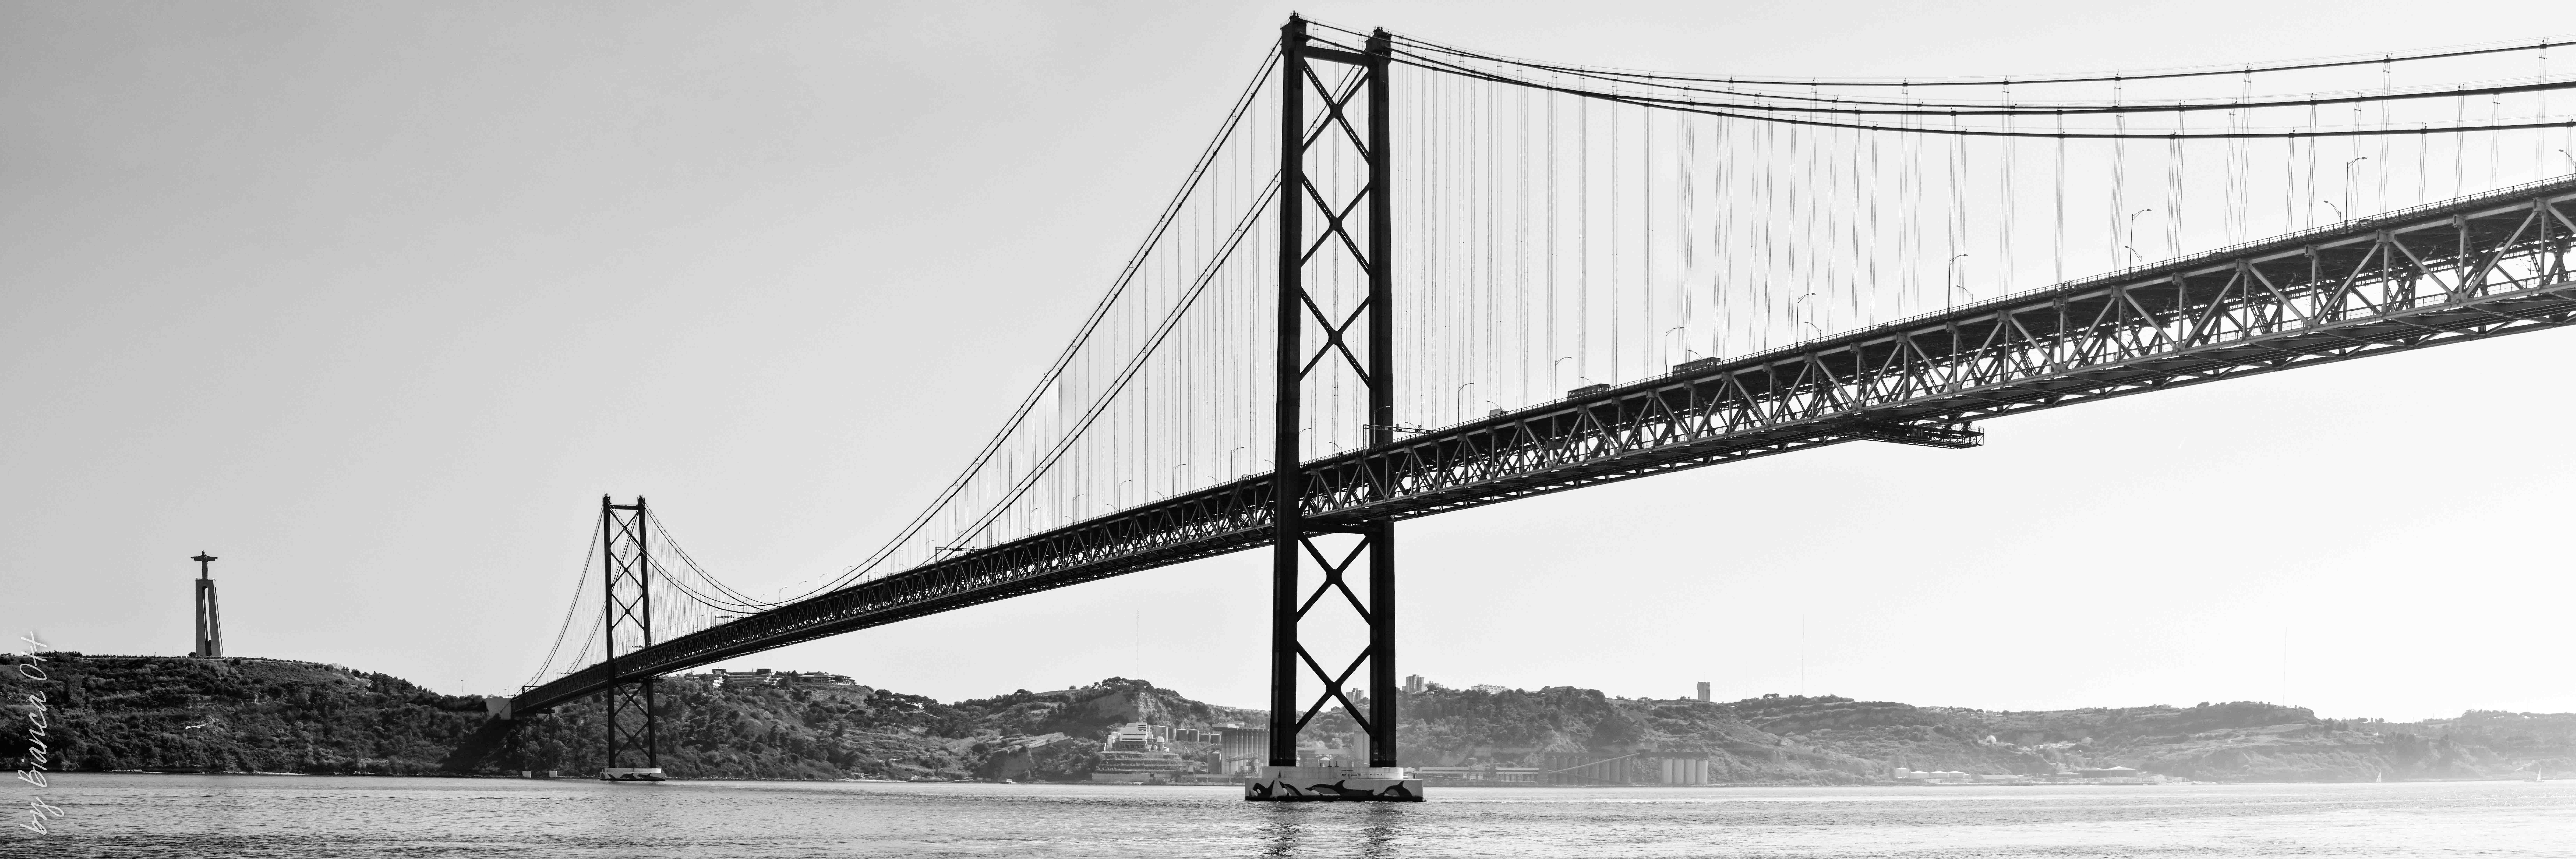 17_08_Portugal_BO-125